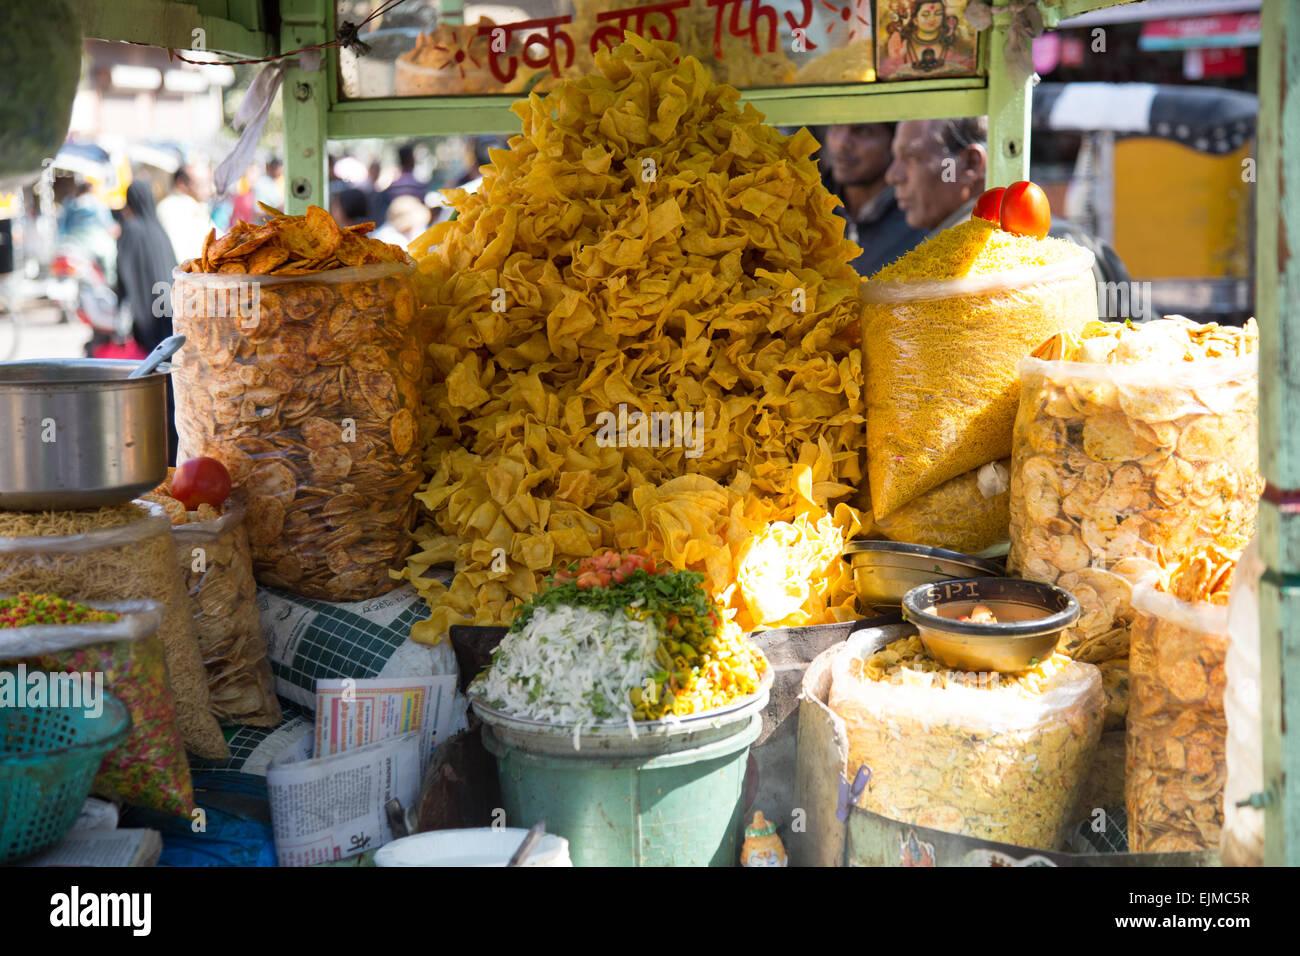 Snacks for sell Jodhpur market - Stock Image